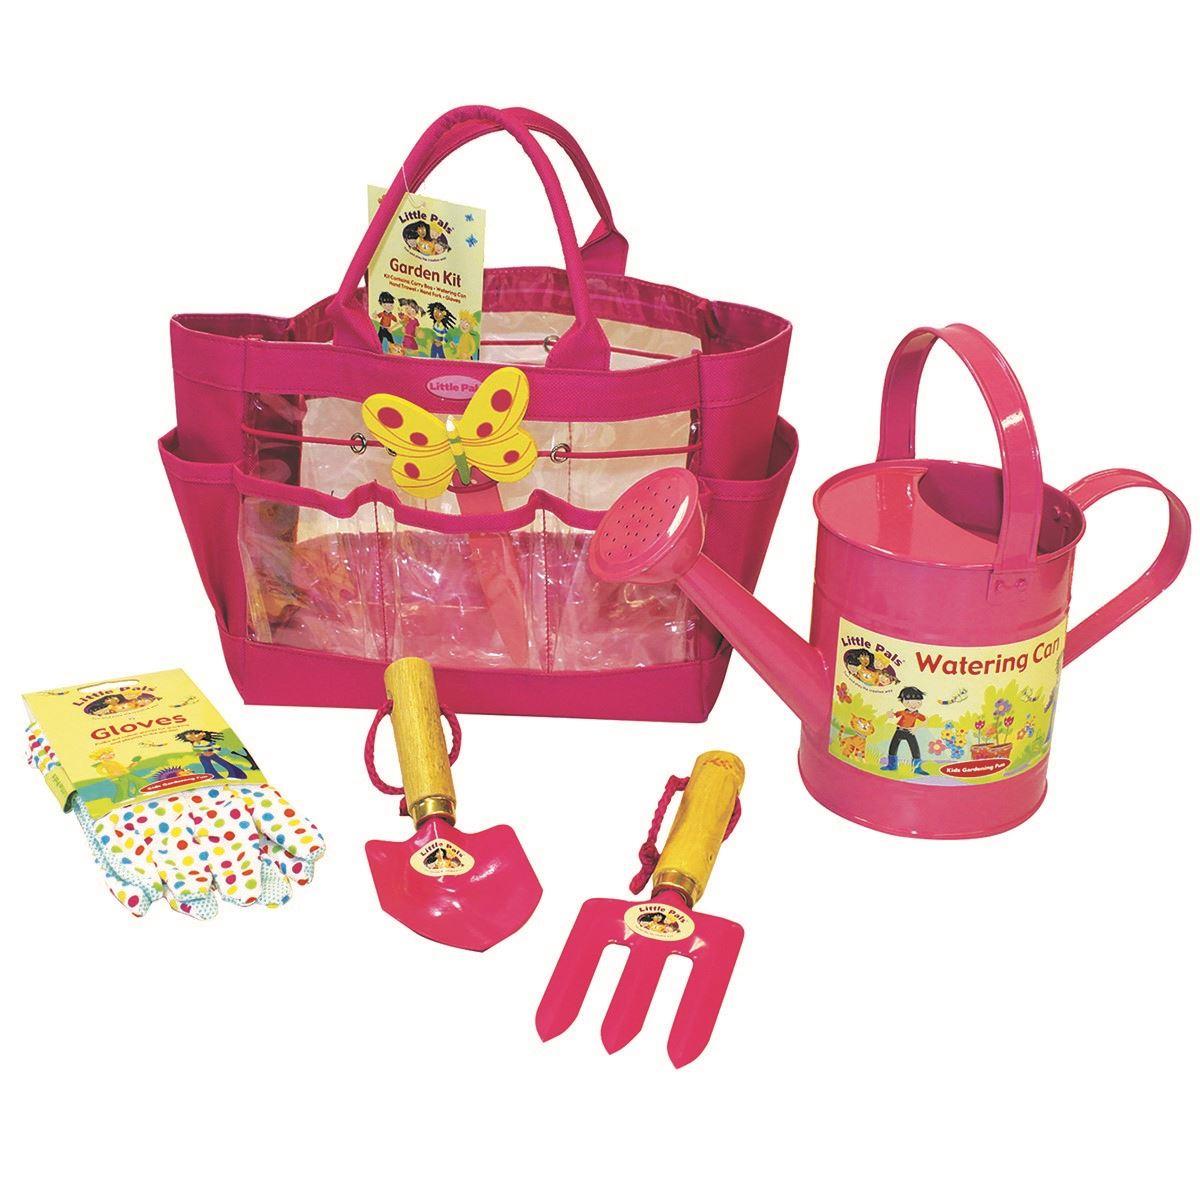 Little pals childrens senior garden set the complete kit for Gardening kit for toddlers